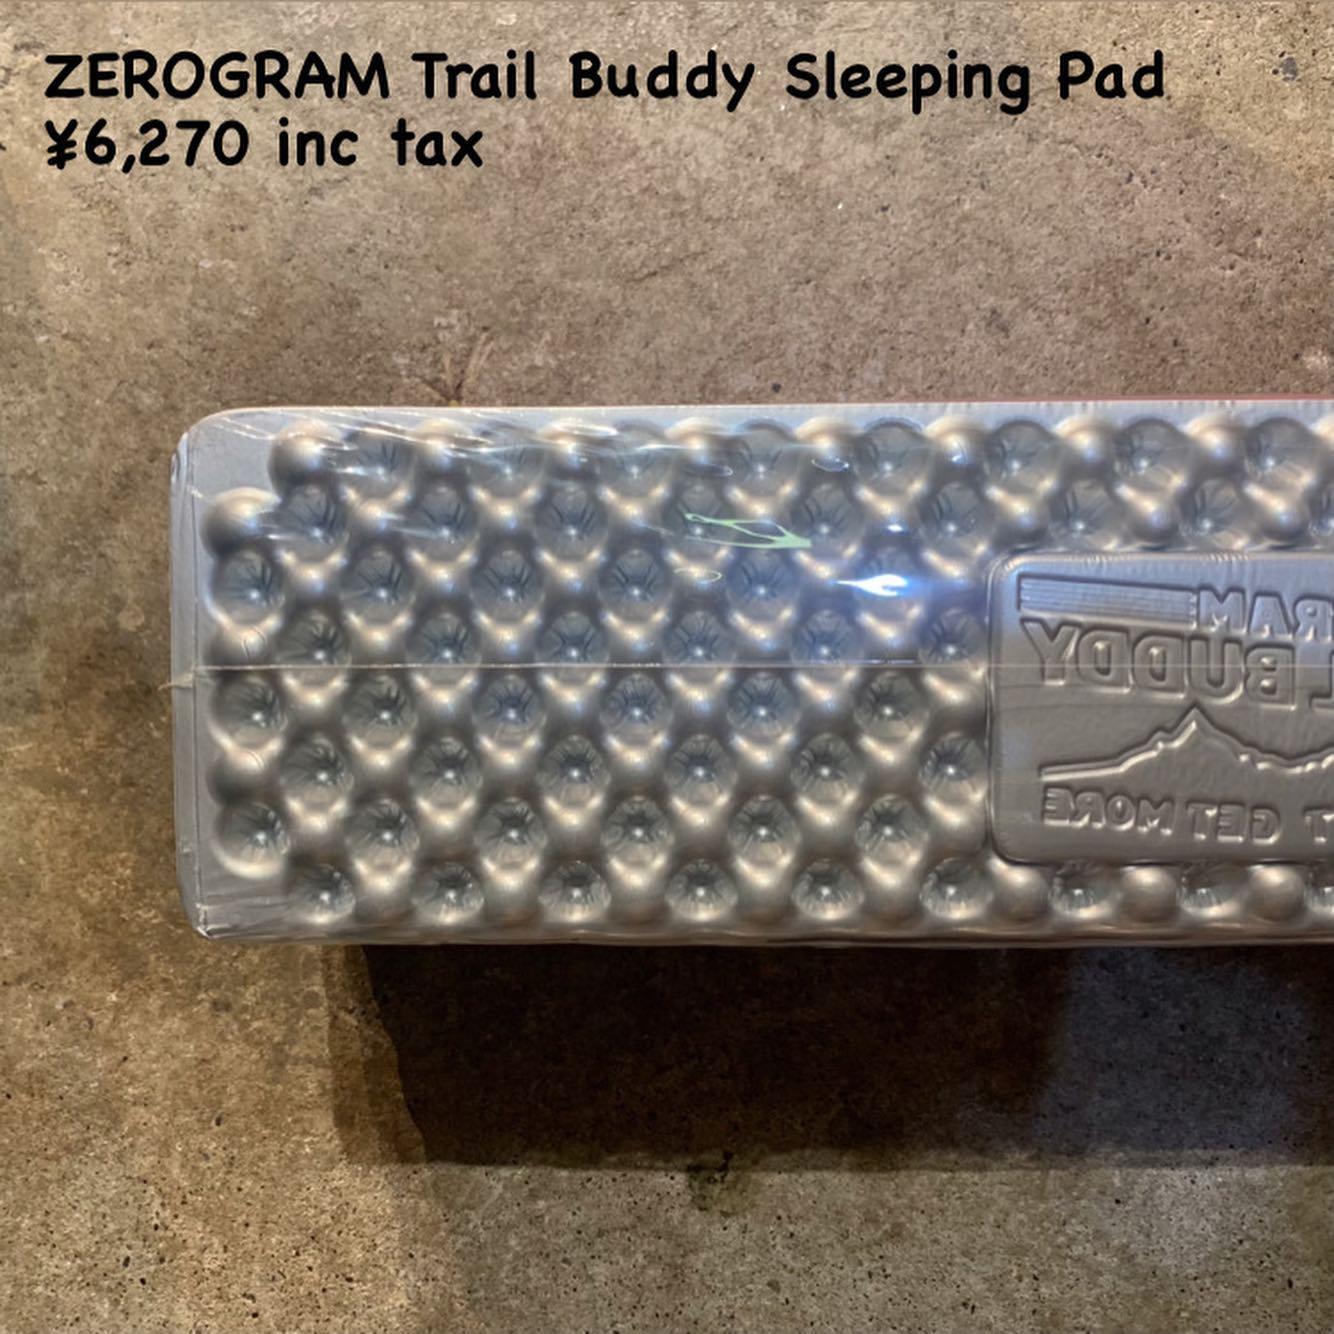 ZEROGRAM トレイル バディ スリーピング パッドのご紹介